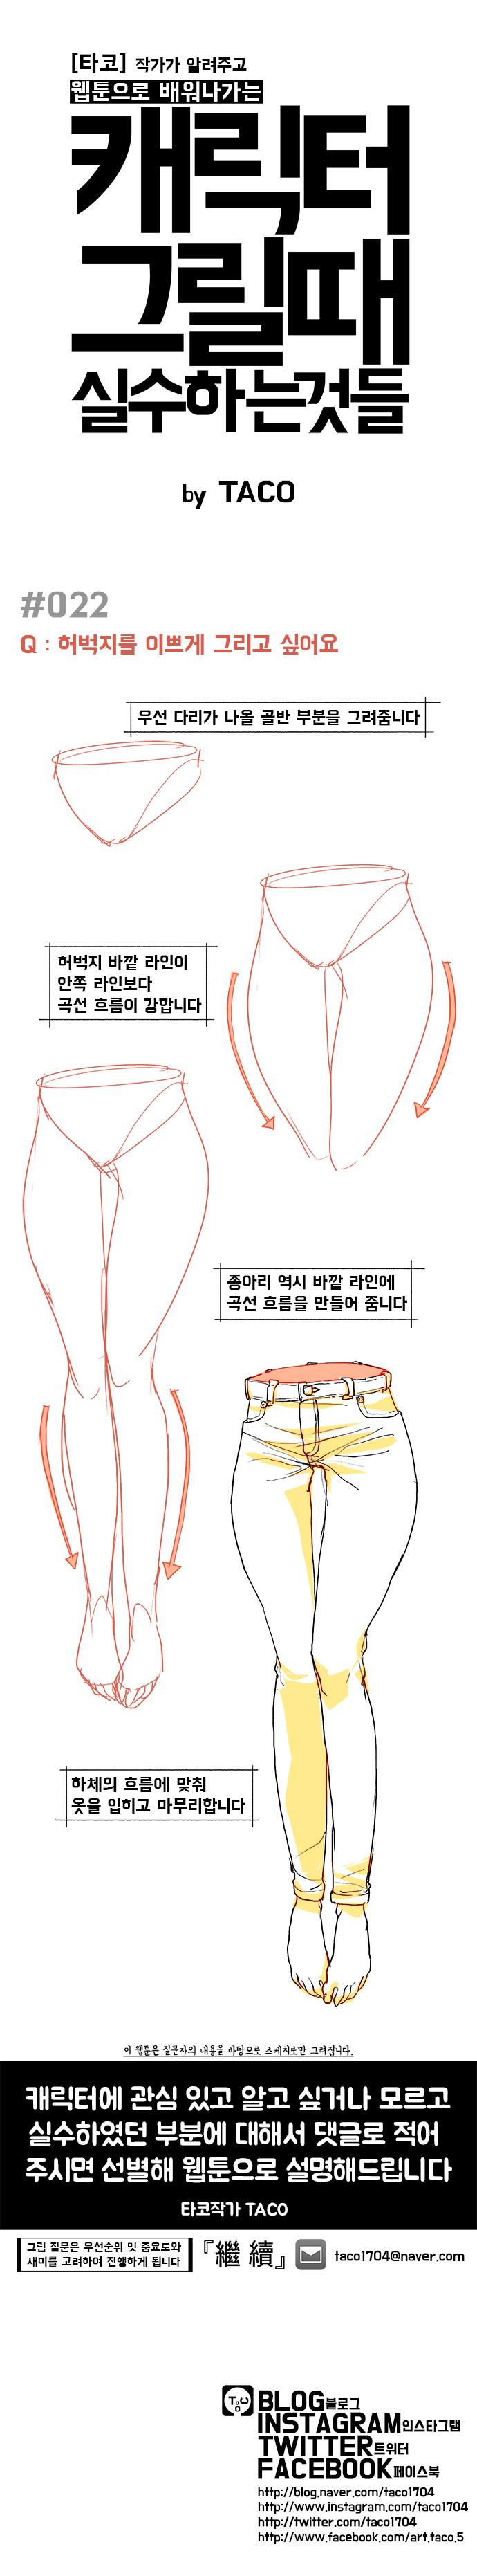 Pin de cartocio dardo en BY TACO | Pinterest | Anatomía, Diseño de ...